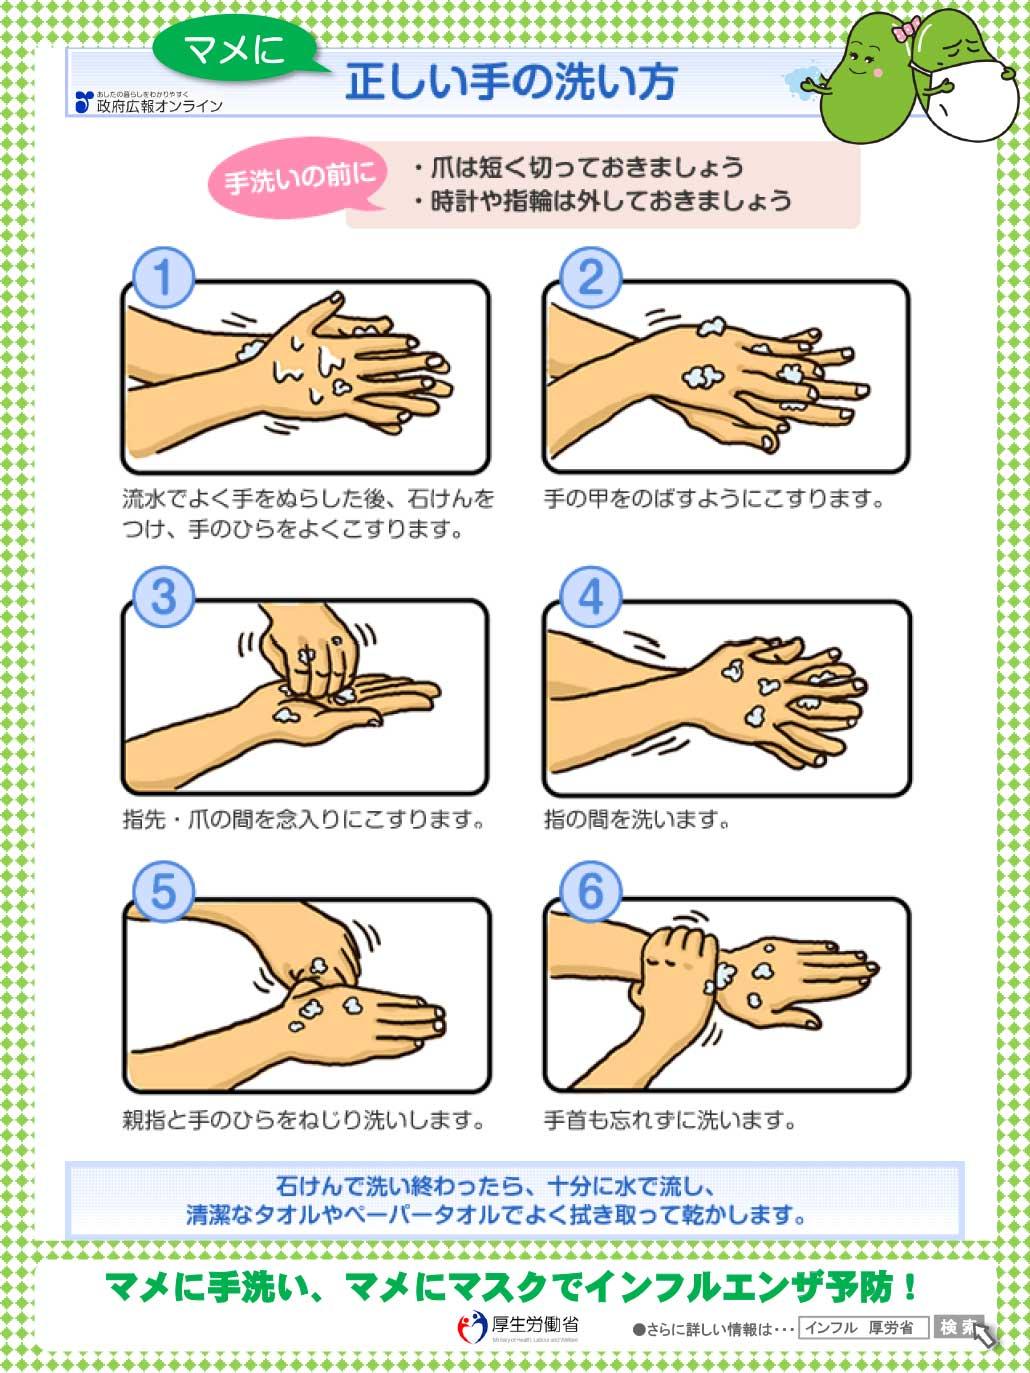 手洗いのチラシ画像